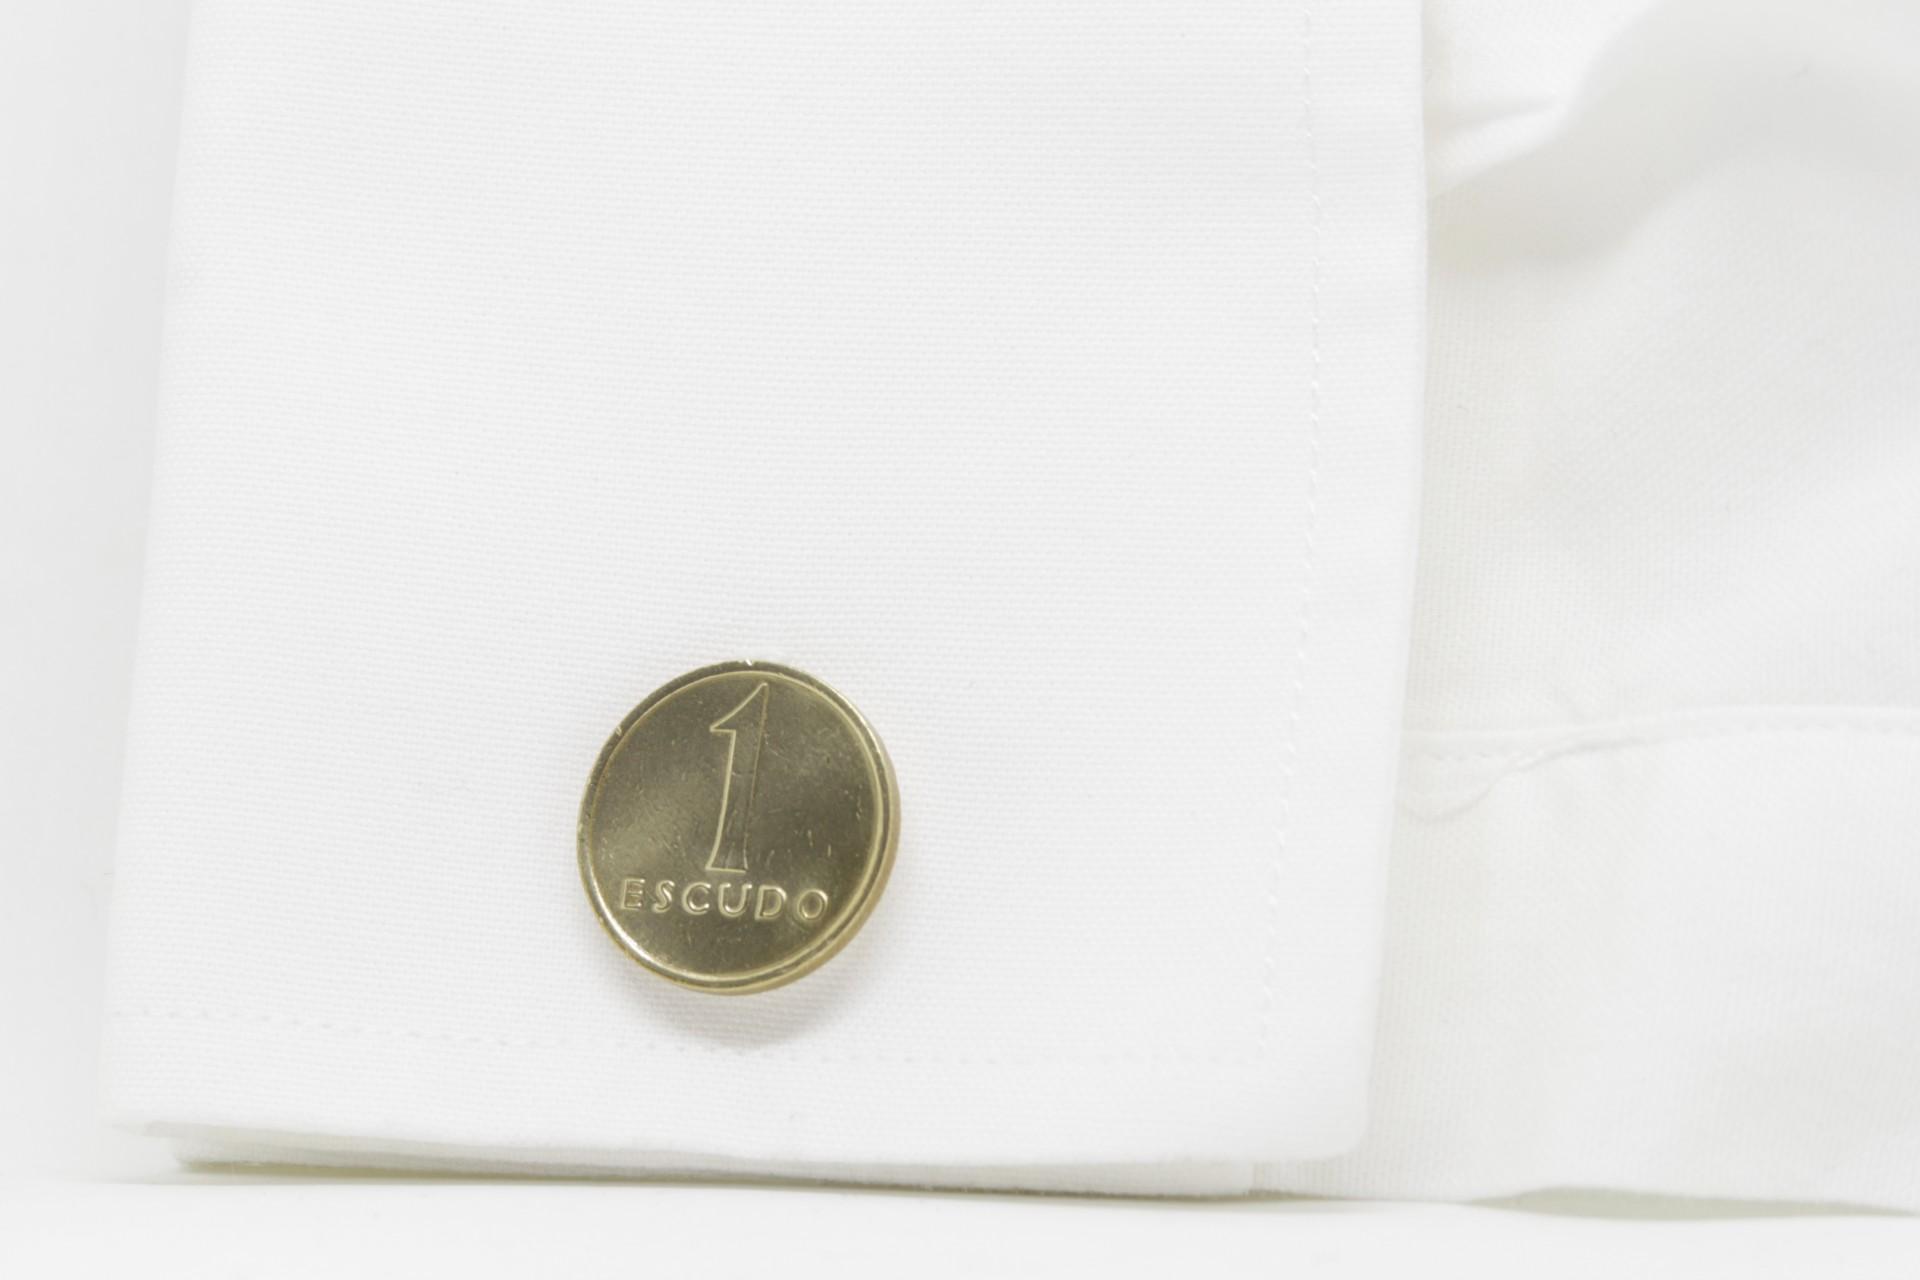 Botões de punho 1$ Escudo